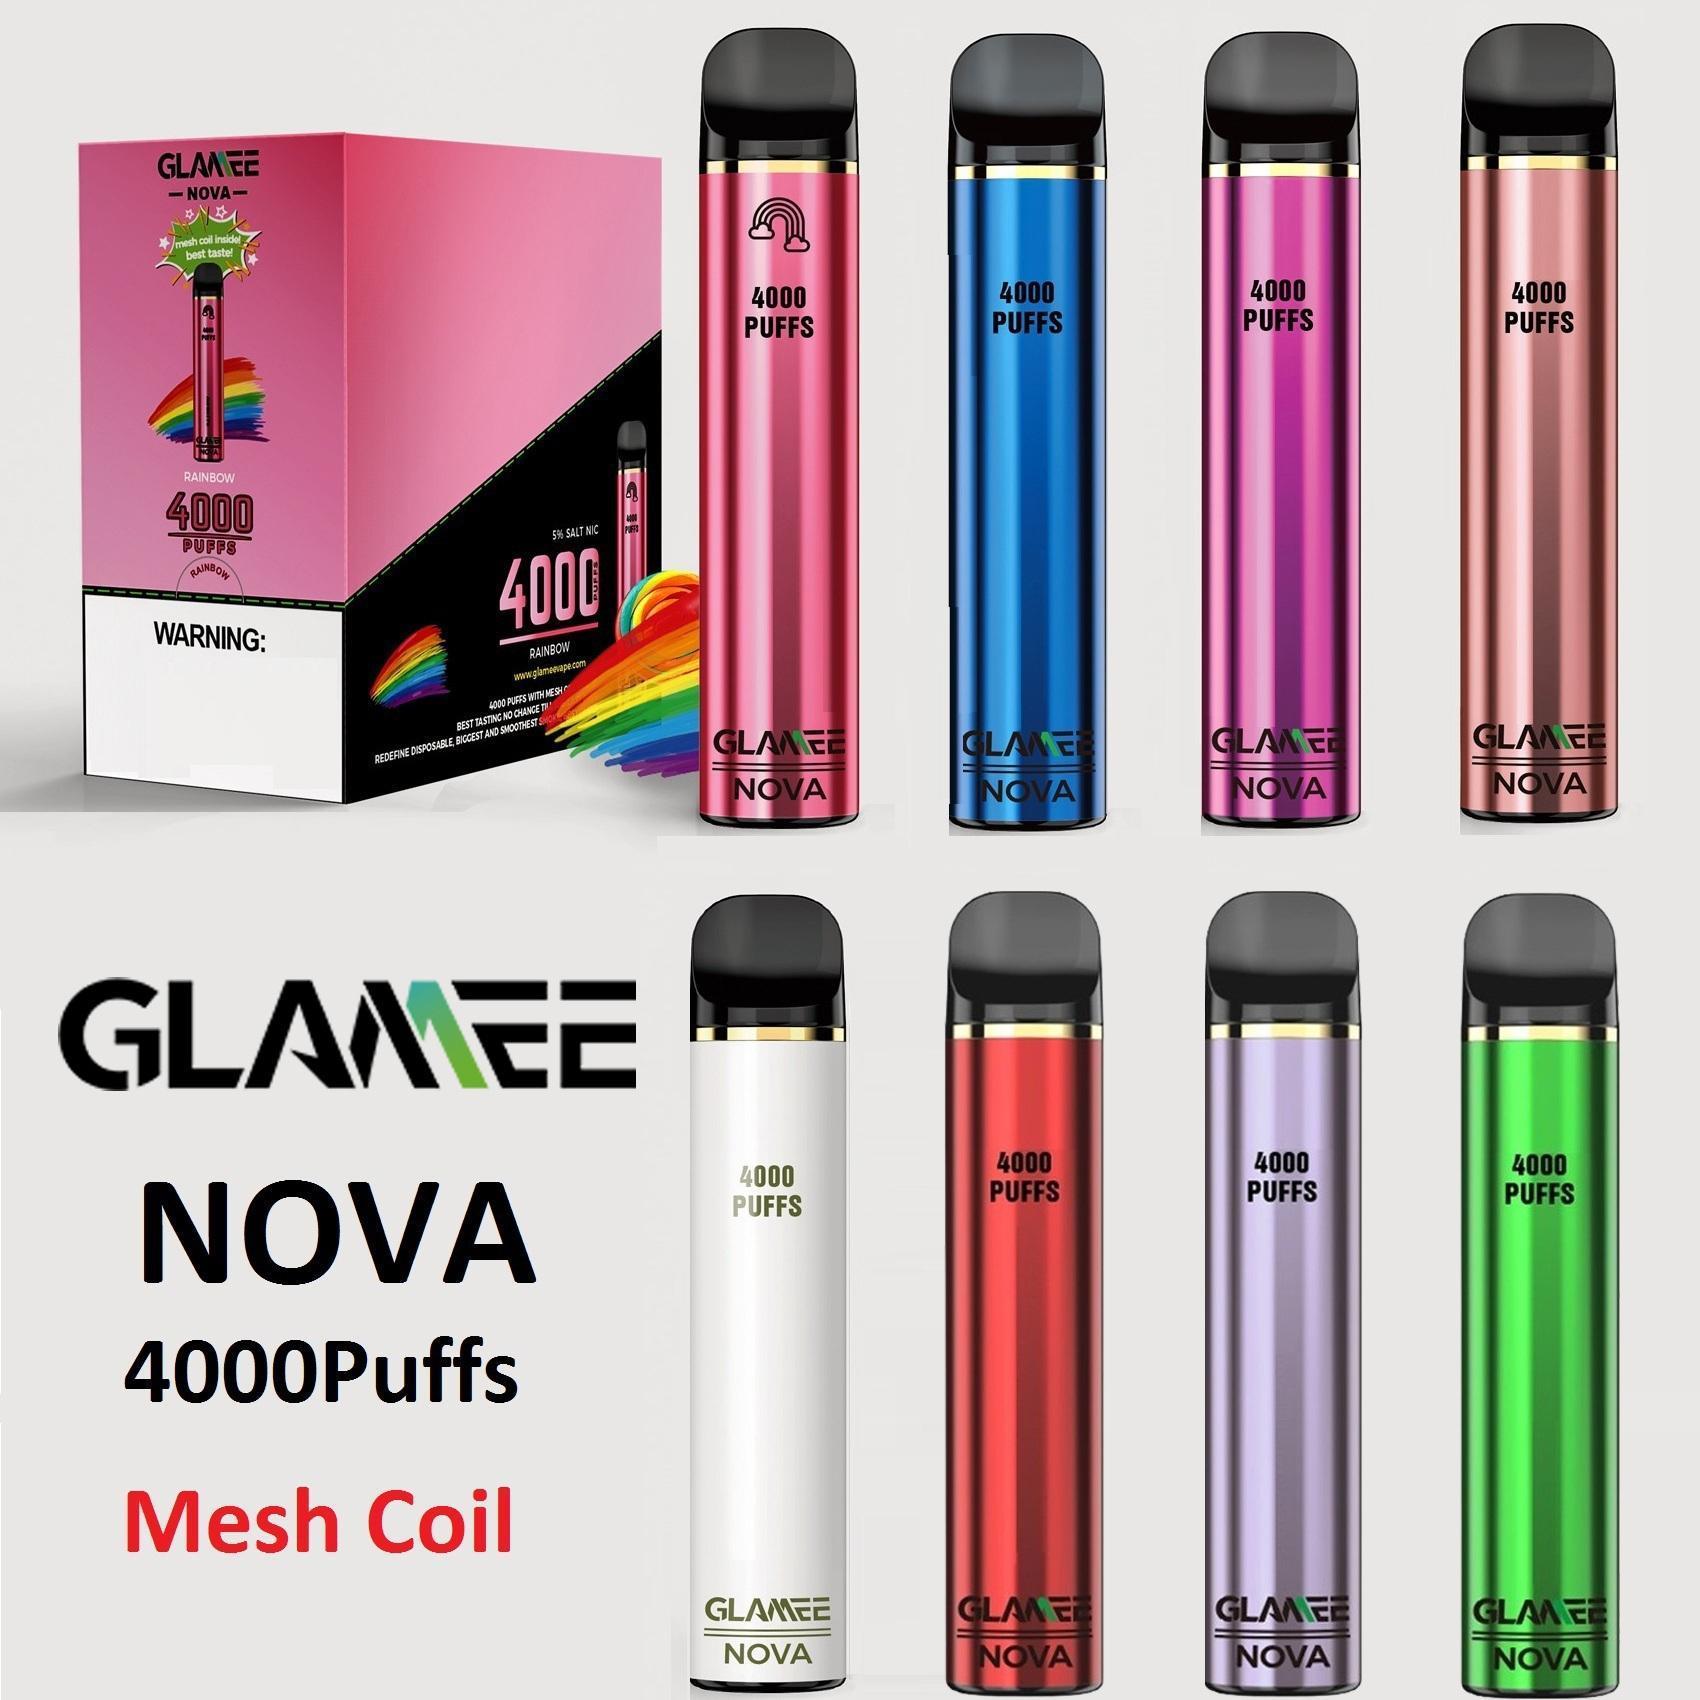 Otantik Glamee NOVA Tek Kullanımlık Cihaz Kiti 2200 mAh Pil Predded 16 ml Pod 4000 Puff Vape Kalem Orijinal VS Bar Artı